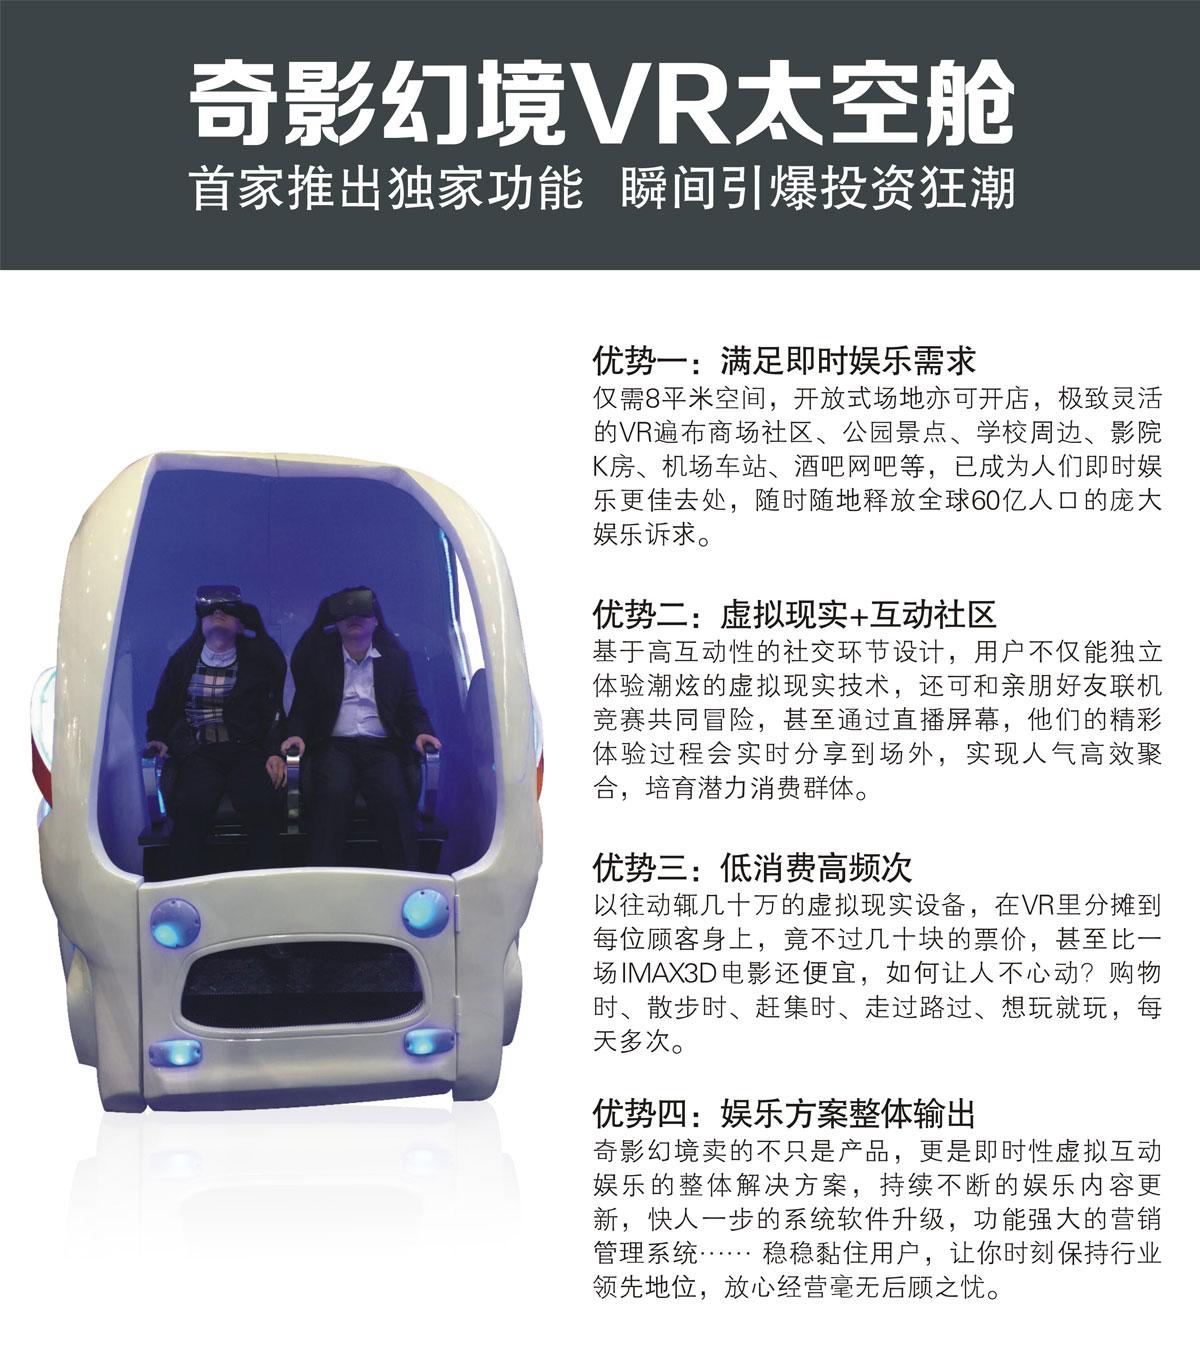 安全体验VR太空舱引爆投资狂潮.jpg